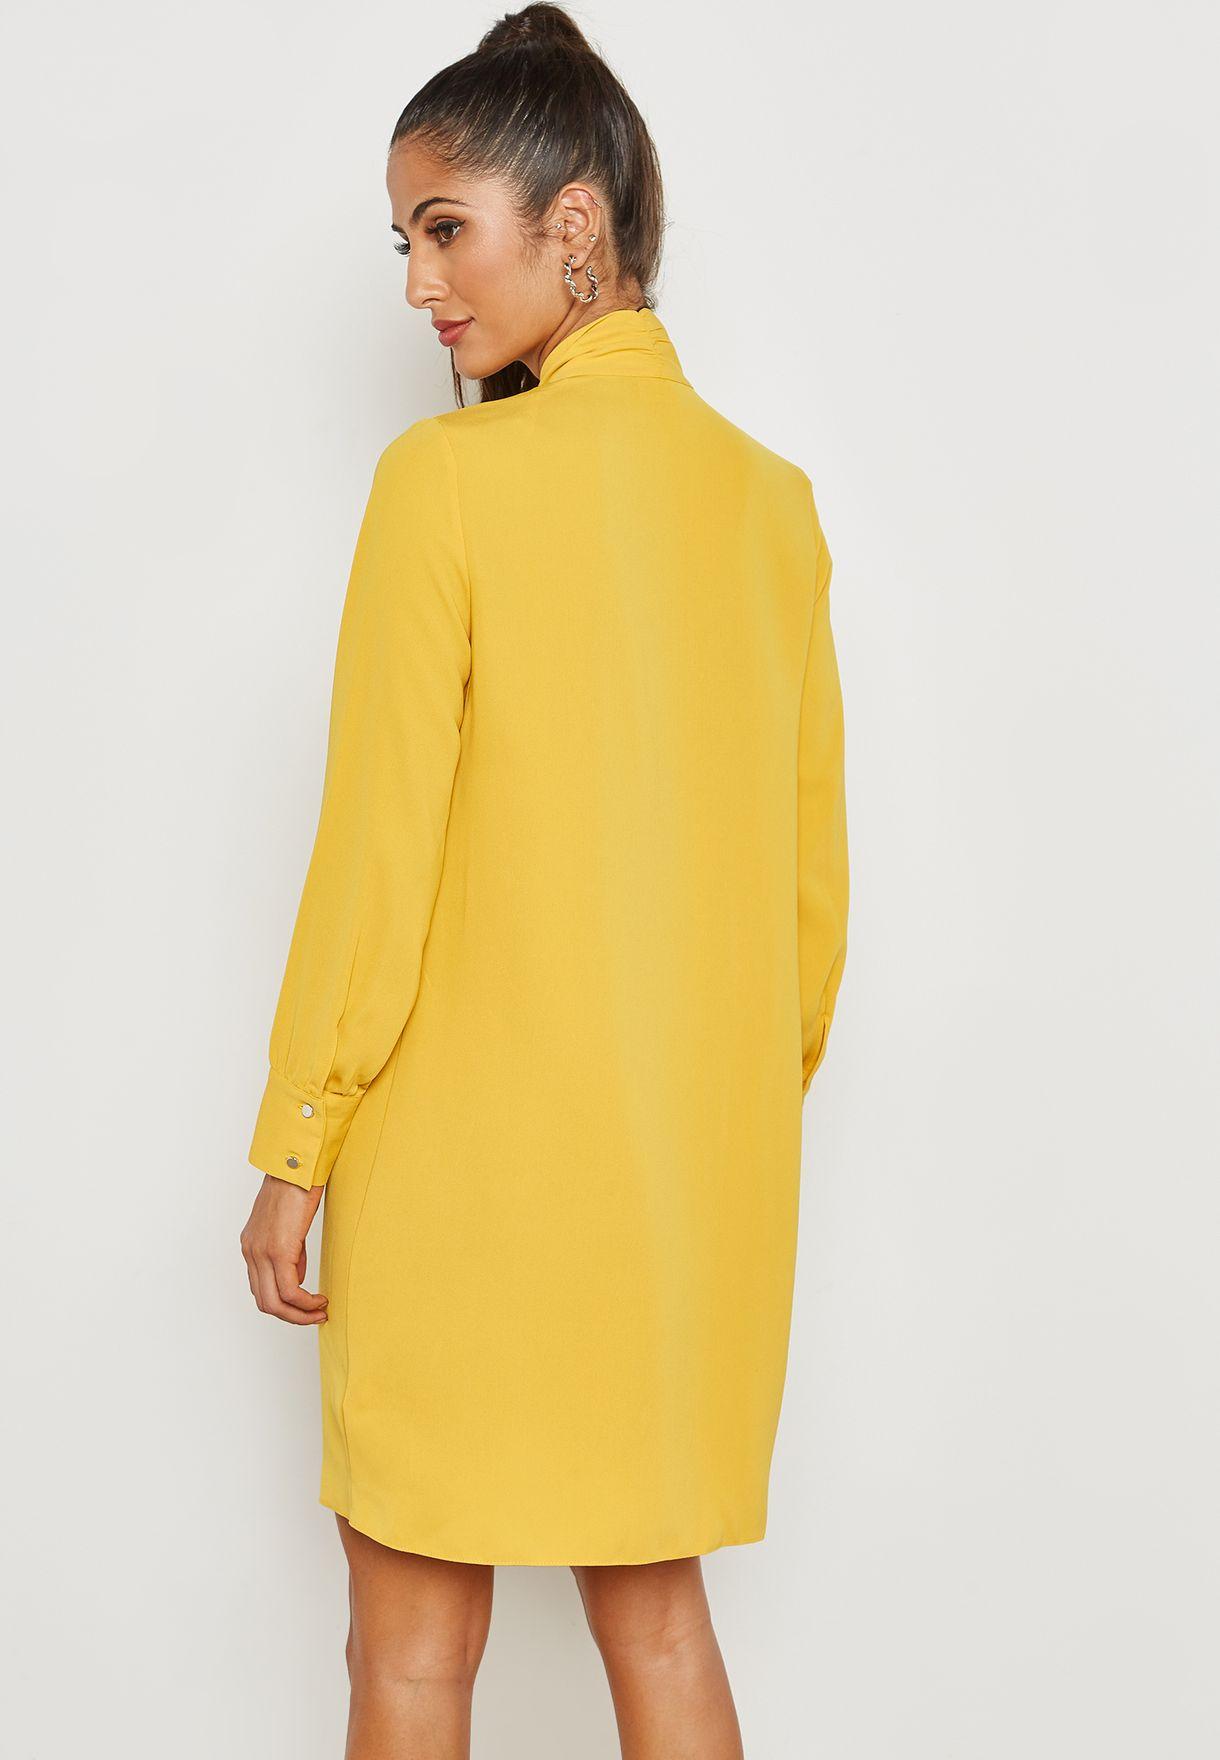 Bow Shirt Dress